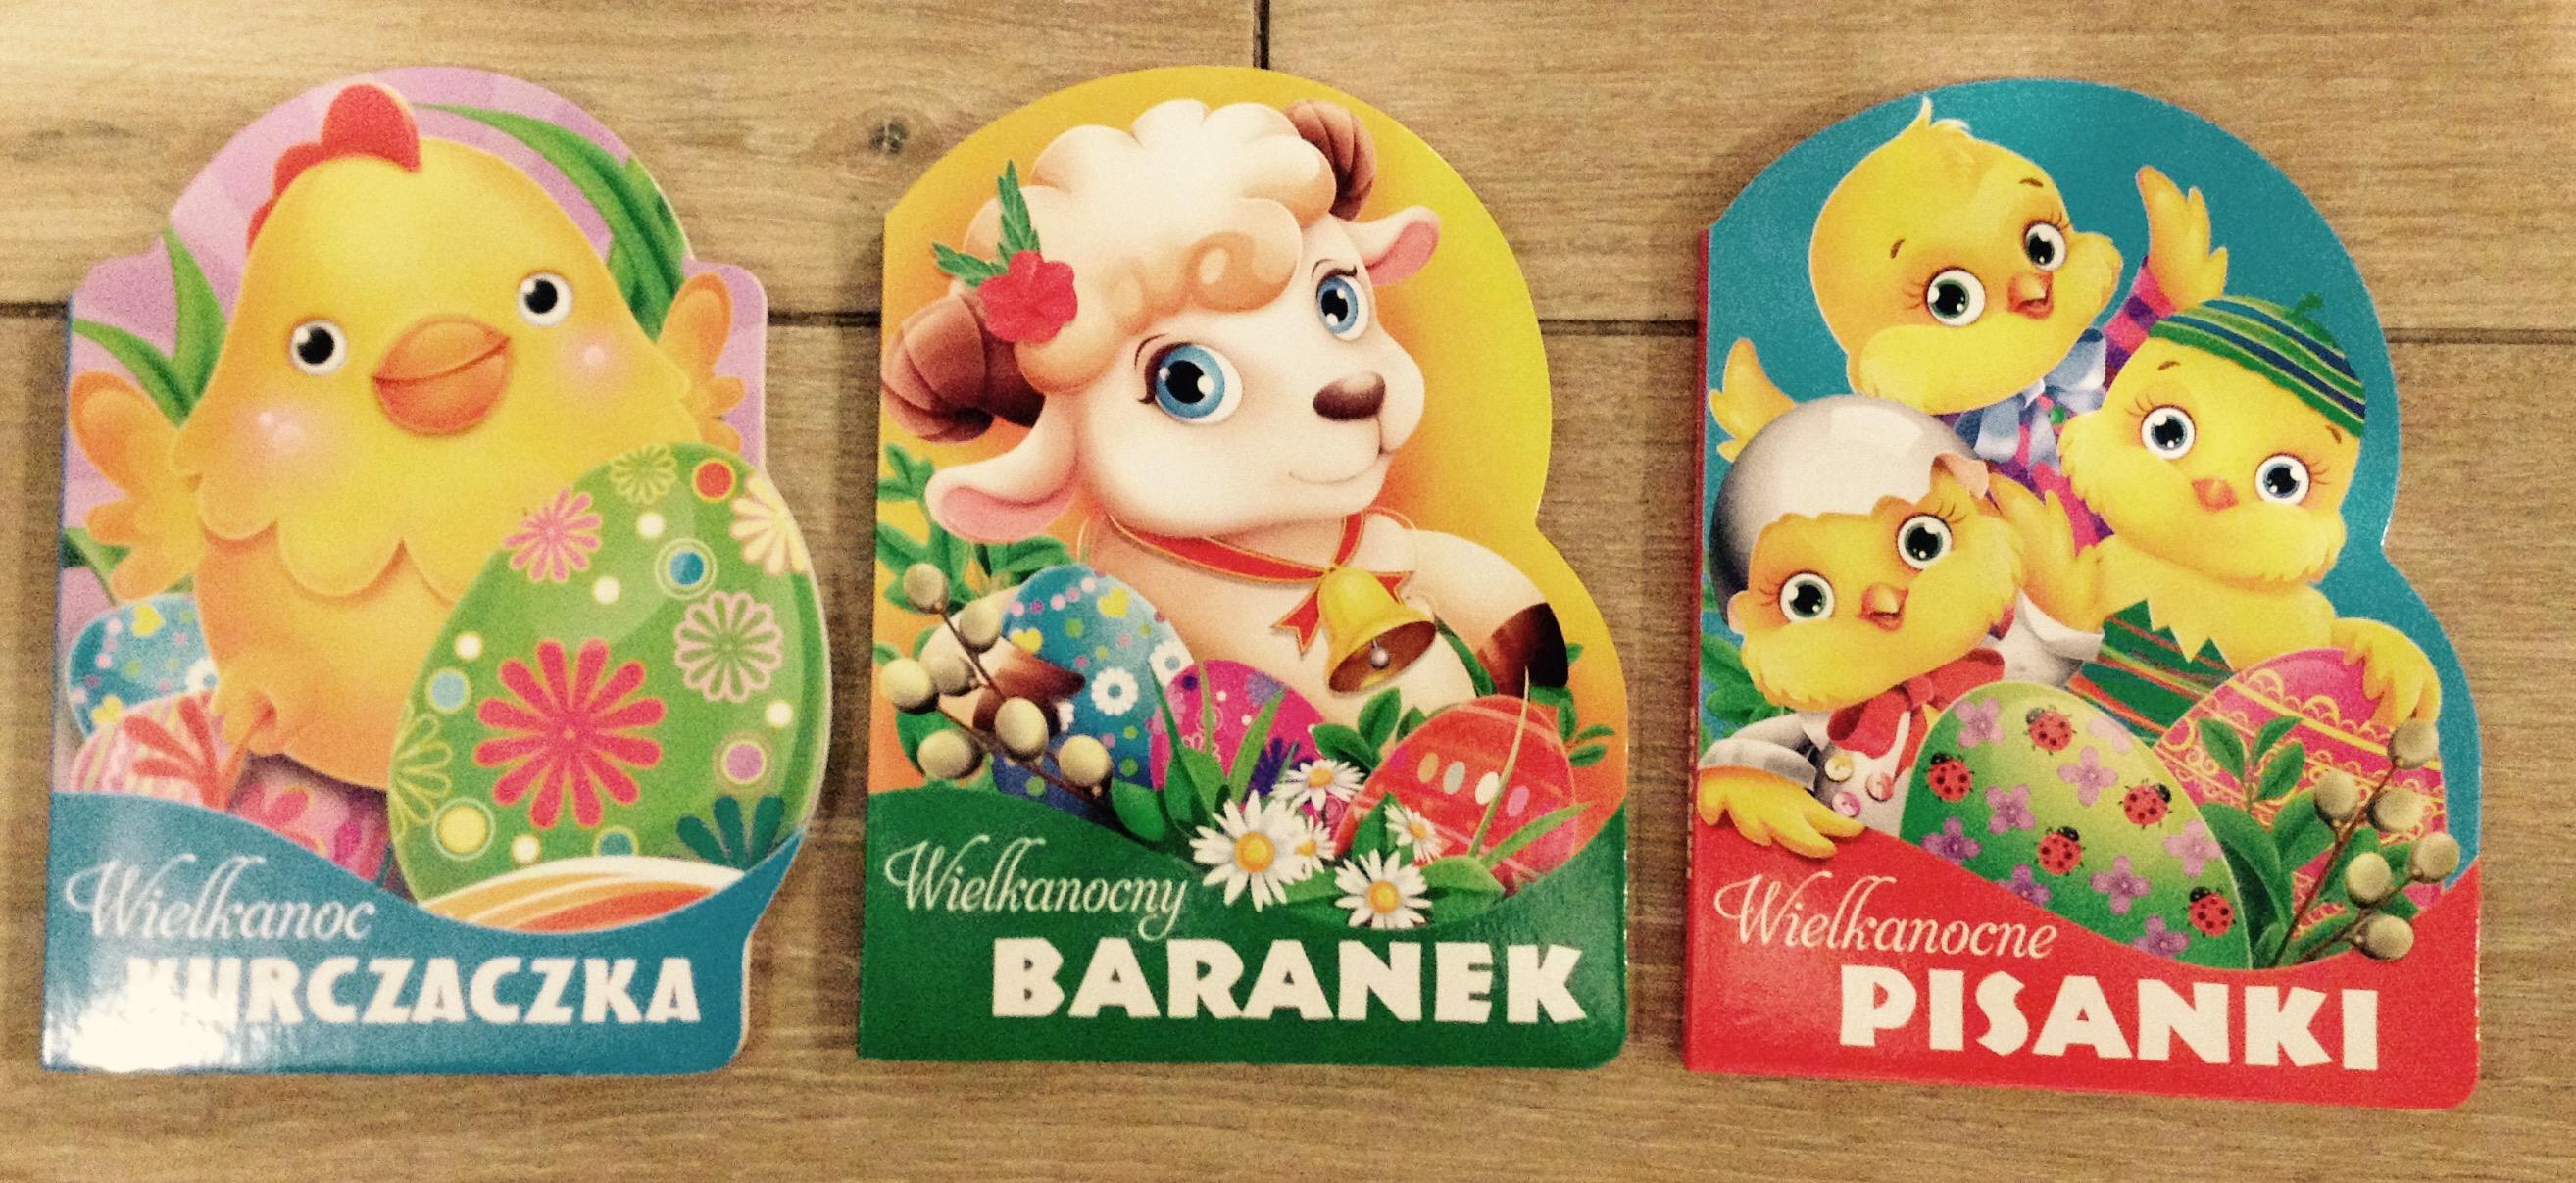 Książeczki dla dzieci, Wielkanoc,  twarde strony, Tesco